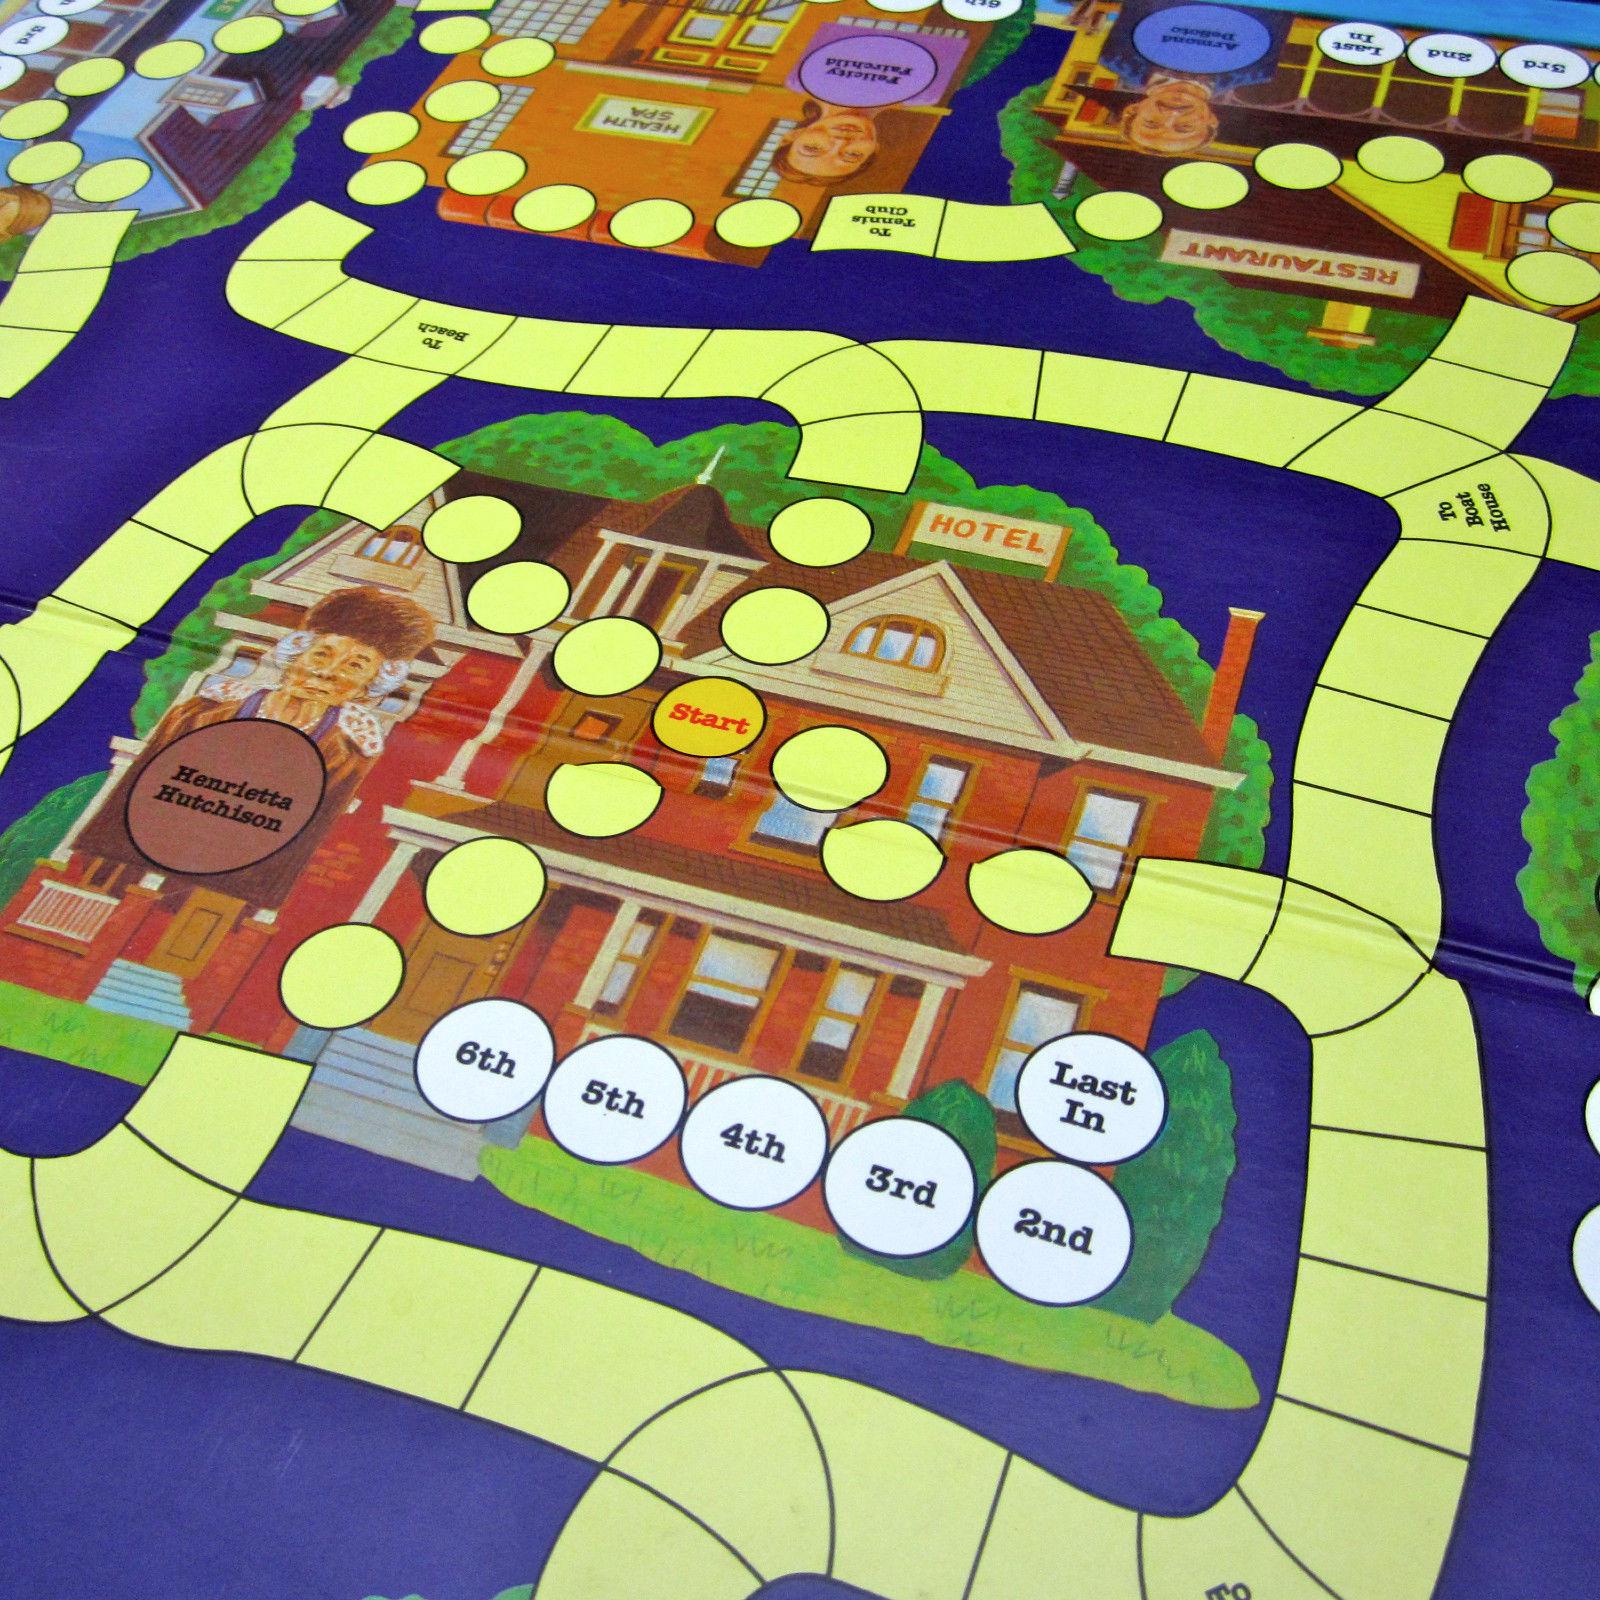 Gioco da tavolo e pc game della signora in giallo jessica fletcher - Voodoo gioco da tavolo ...